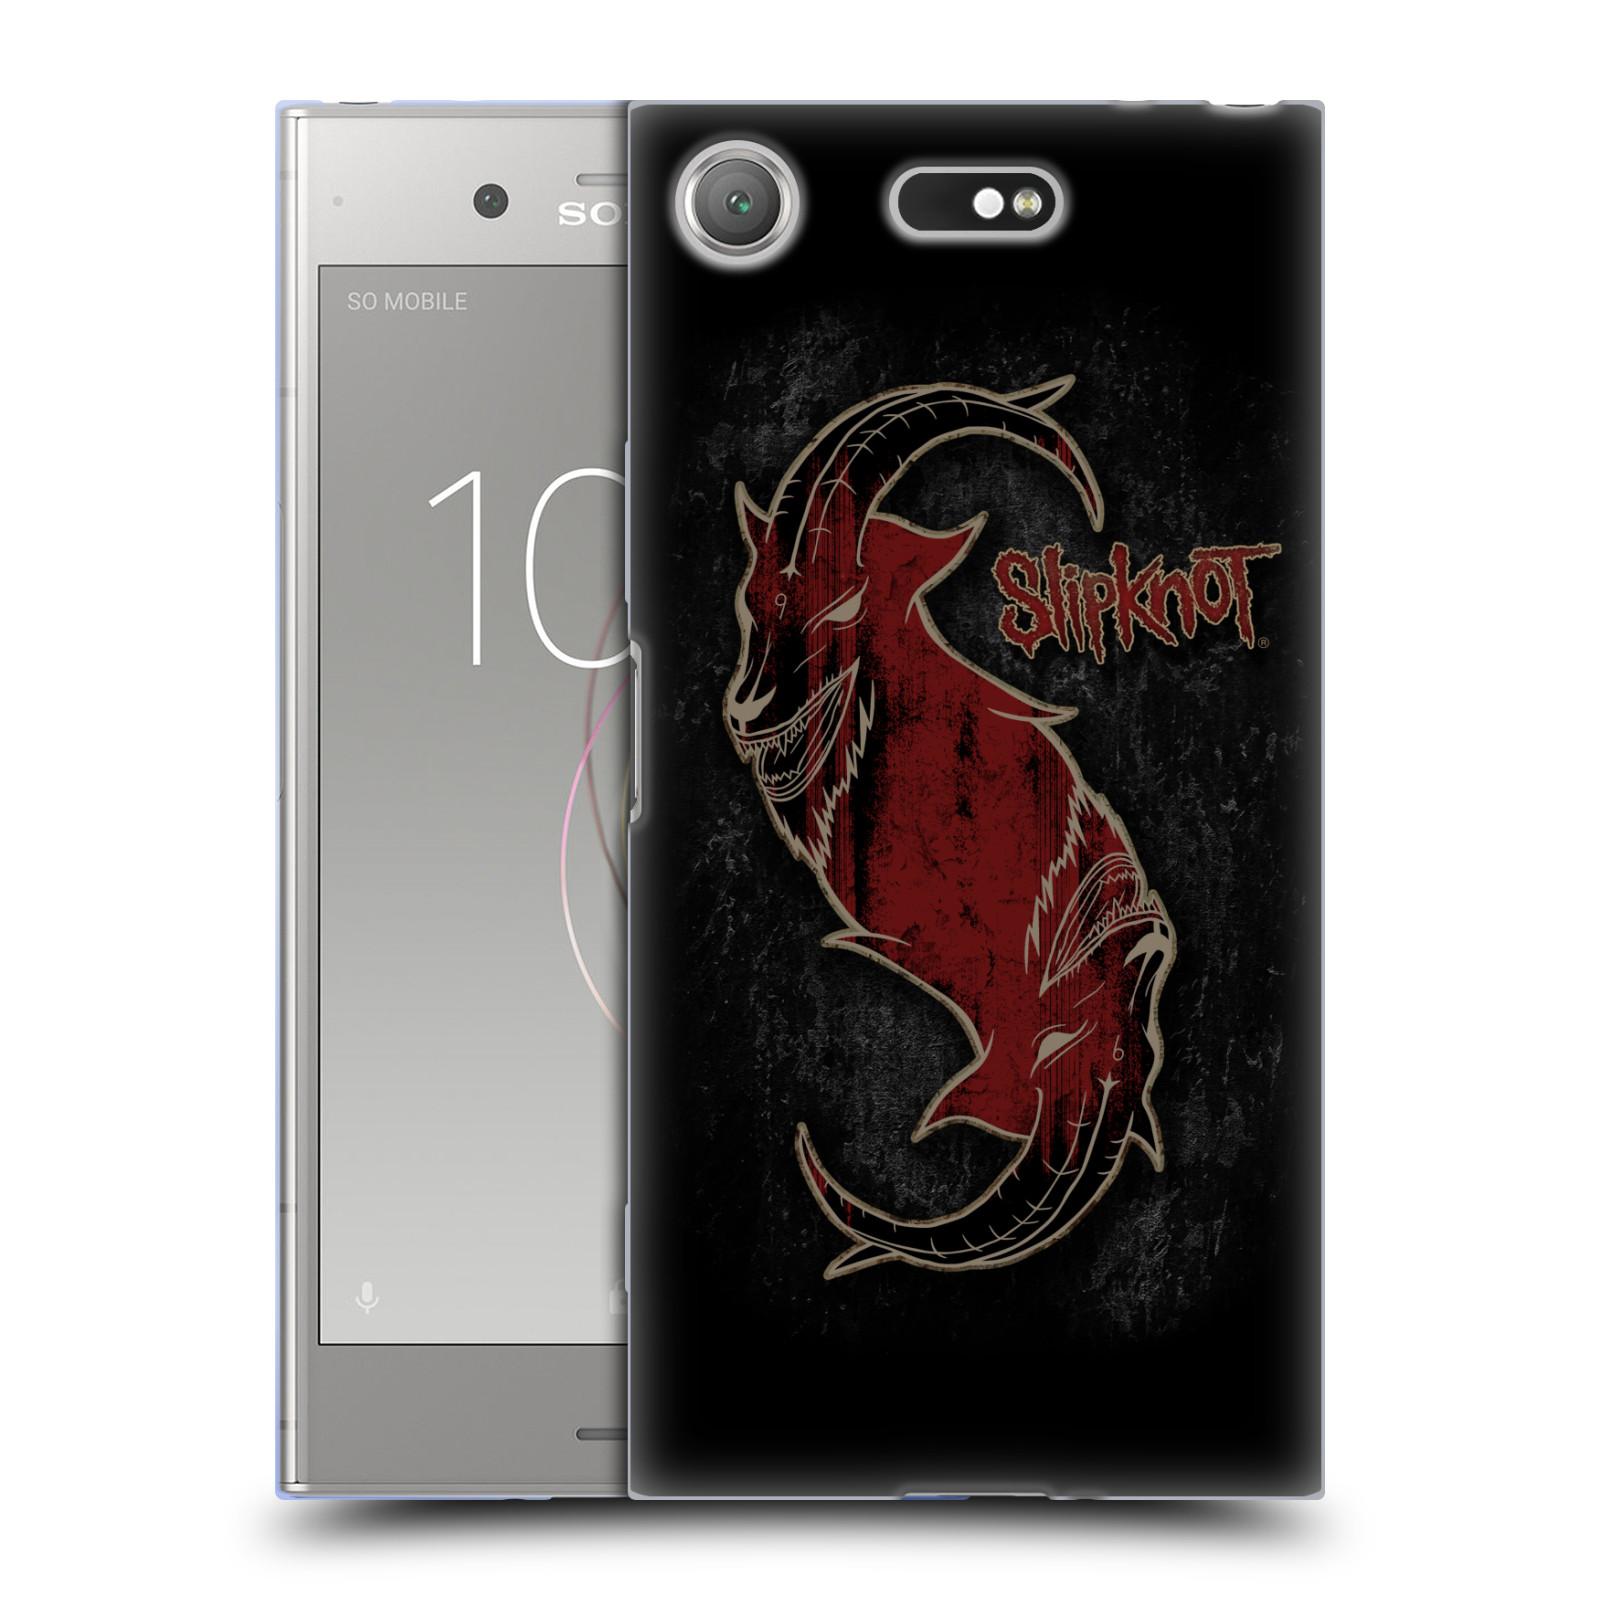 Silikonové pouzdro na mobil Sony Xperia XZ1 Compact - Head Case - Slipknot - Rudý kozel